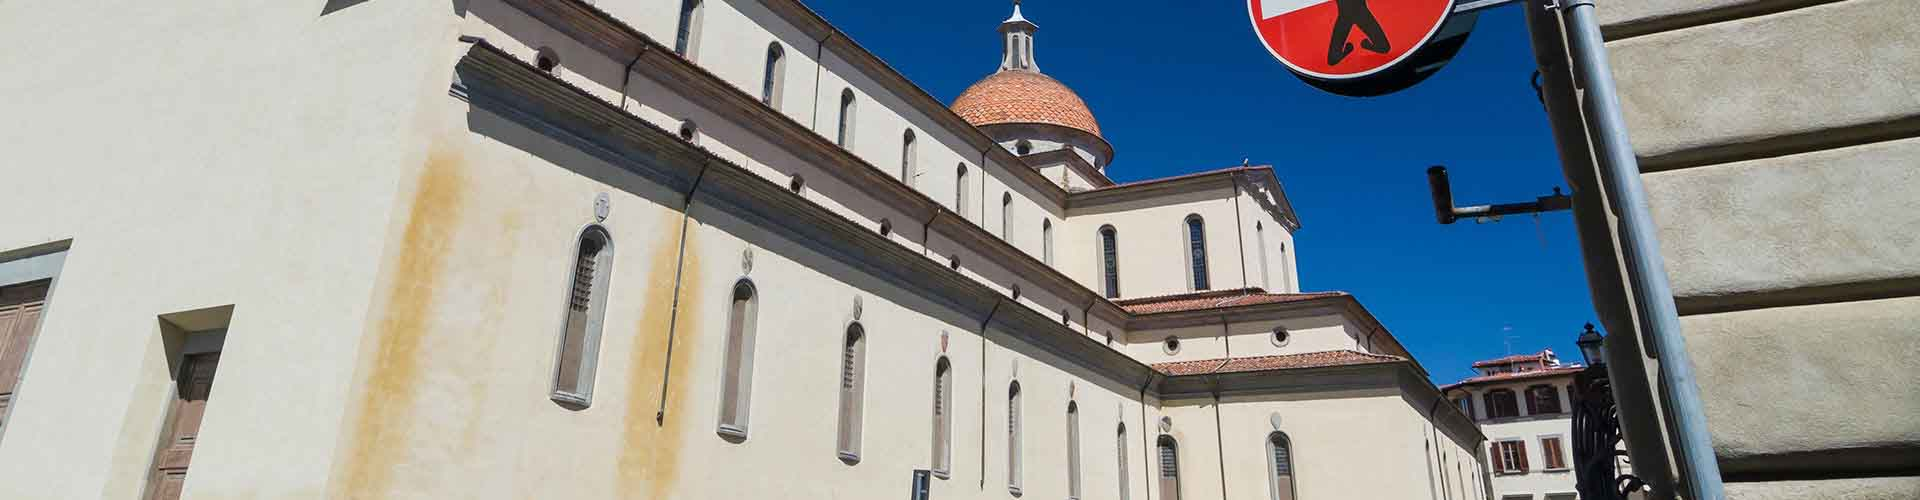 Florencia - Campamentos en el distrito Santo Spirito. Mapas de Florencia, Fotos y comentarios de cada Campamento en Florencia.